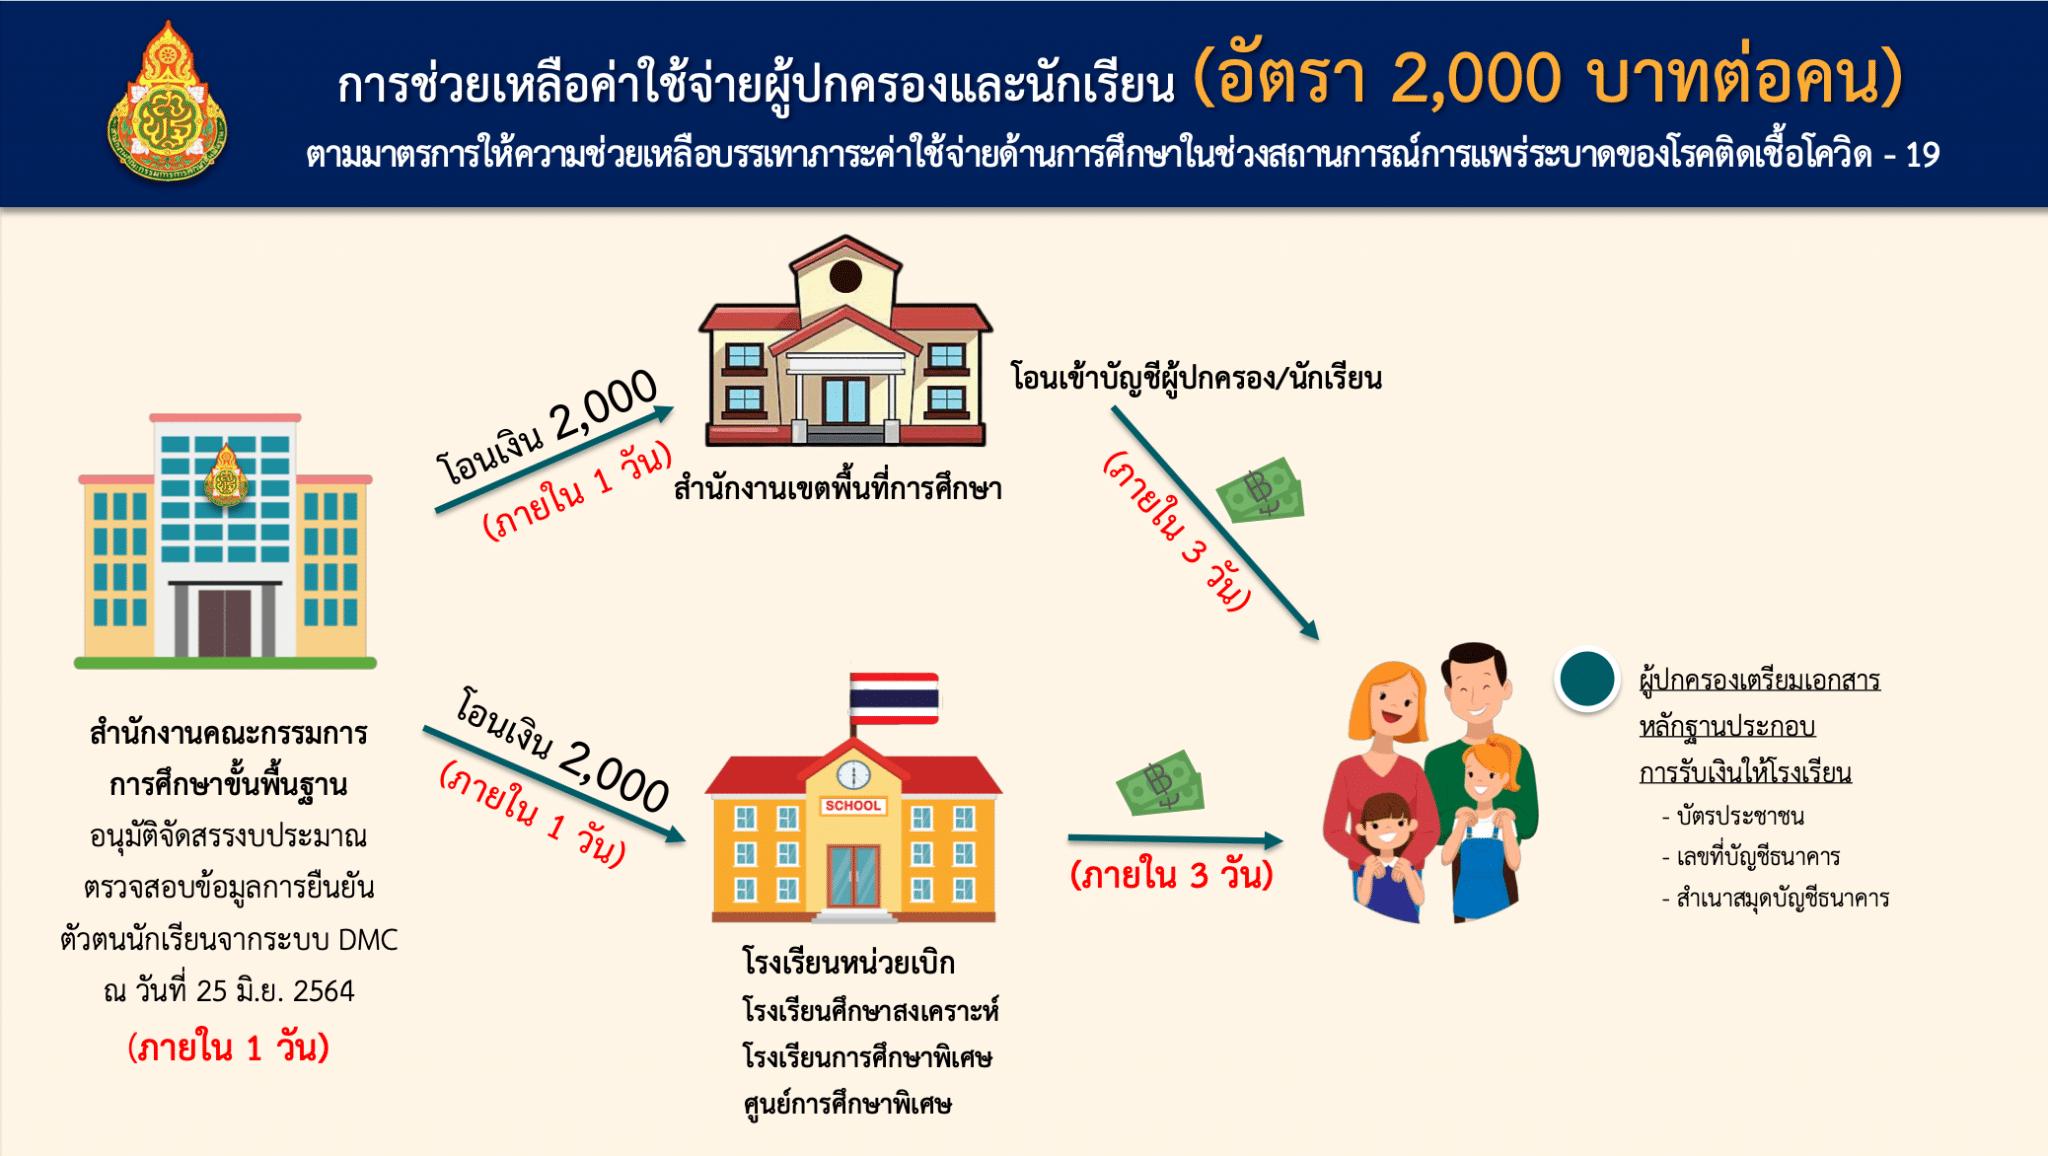 เช็คด่วน!! โรงเรียนต้องทำอย่างไร ขั้นตอนการดำเนินการจ่ายเงินเยียวยานักเรียน 2000 บาท